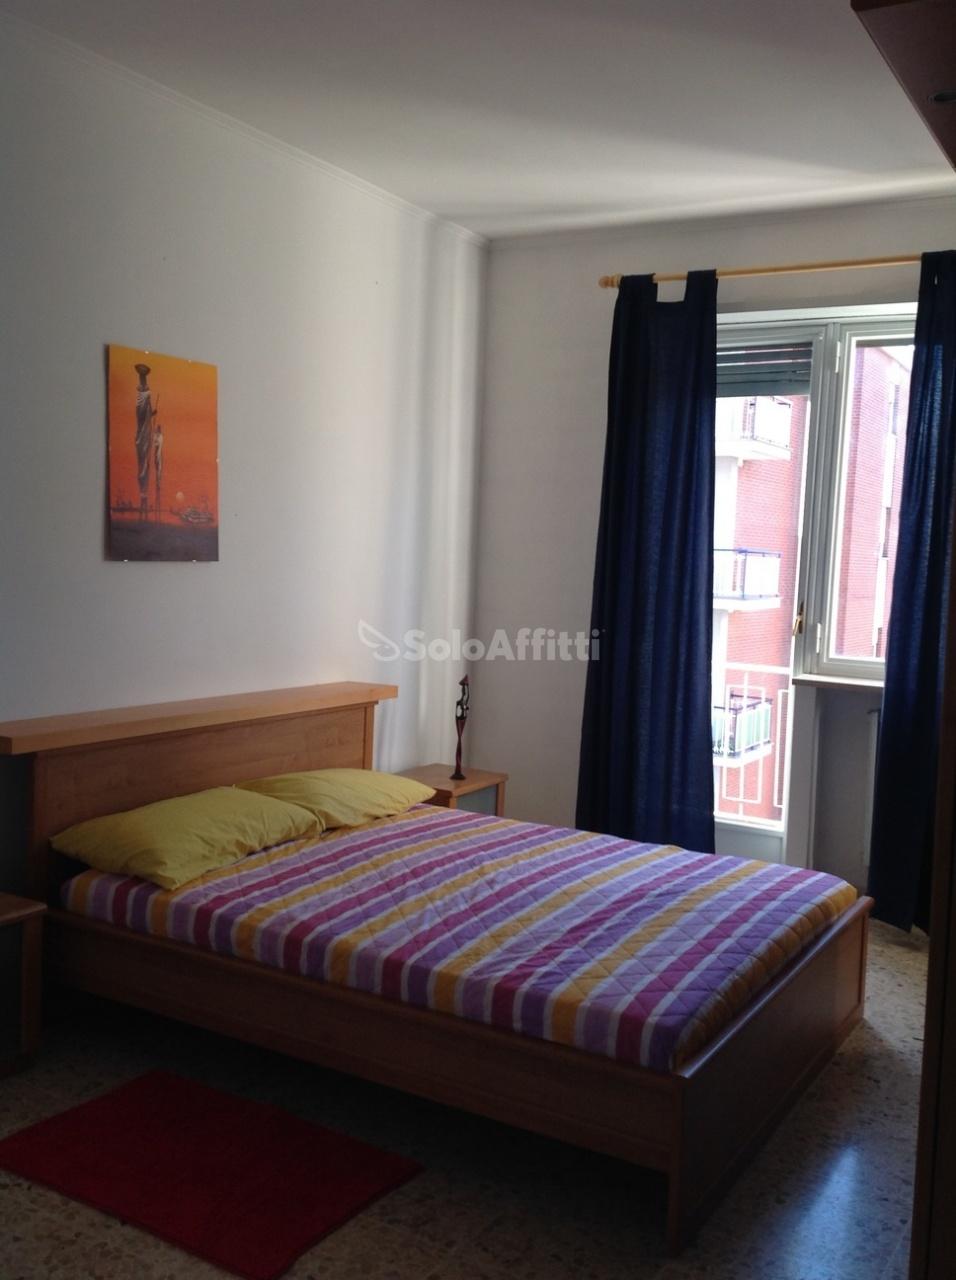 Appartamento in affitto a Nichelino, 2 locali, prezzo € 420   PortaleAgenzieImmobiliari.it